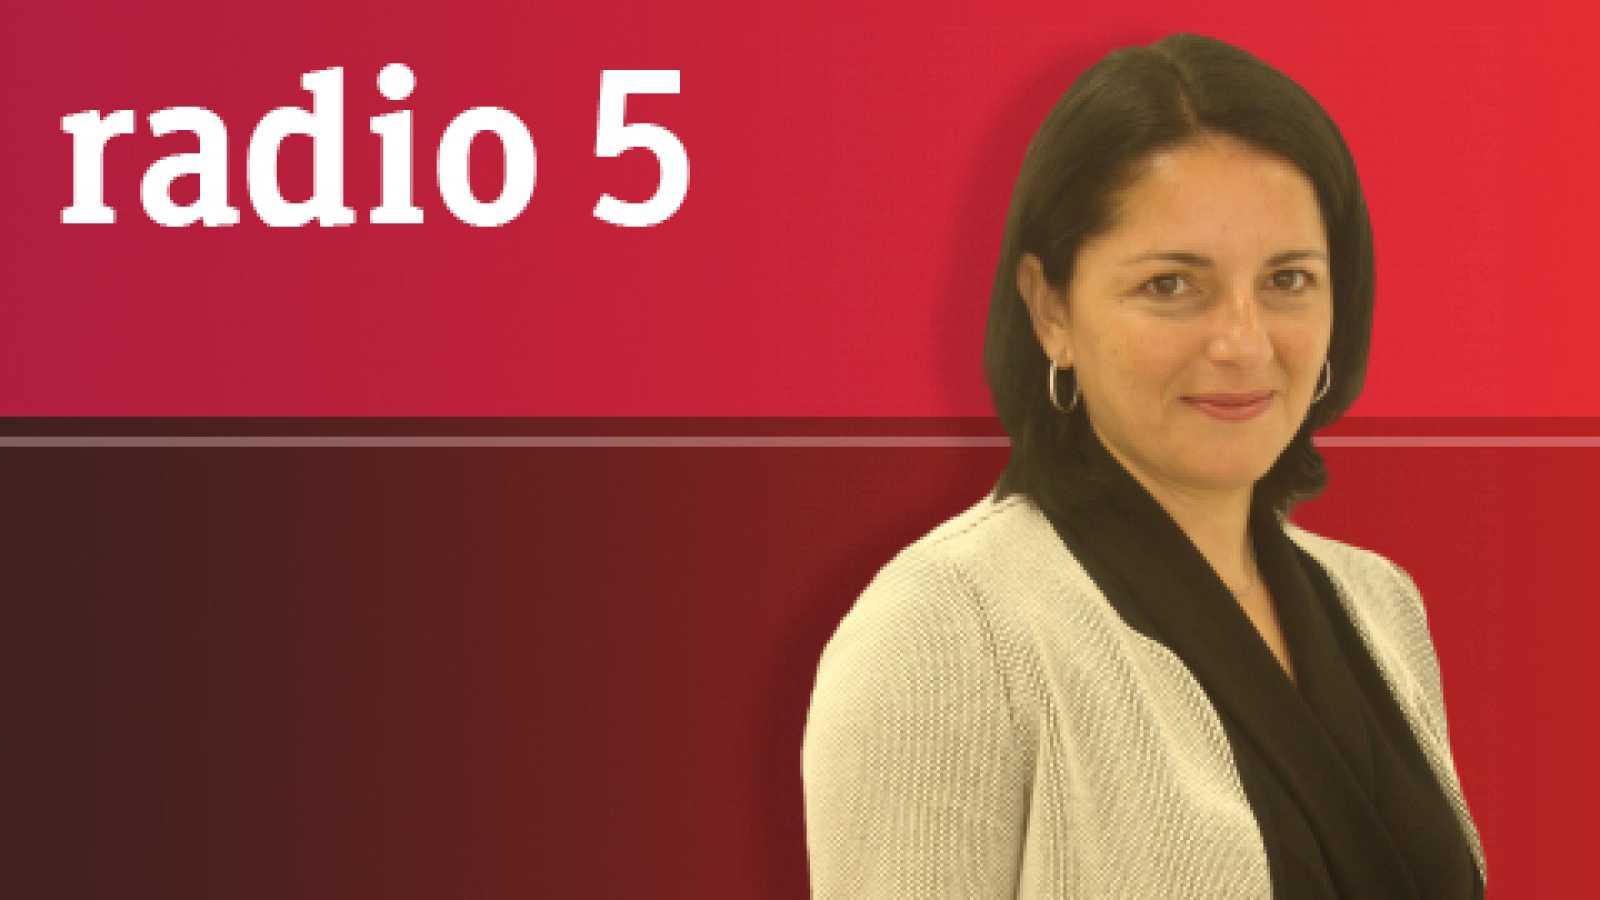 """Creando que es gerundio - ¿Qué puede hacer un """"influencer"""" cultural por la lectura? - 05/01/20 - escuchar ahora"""